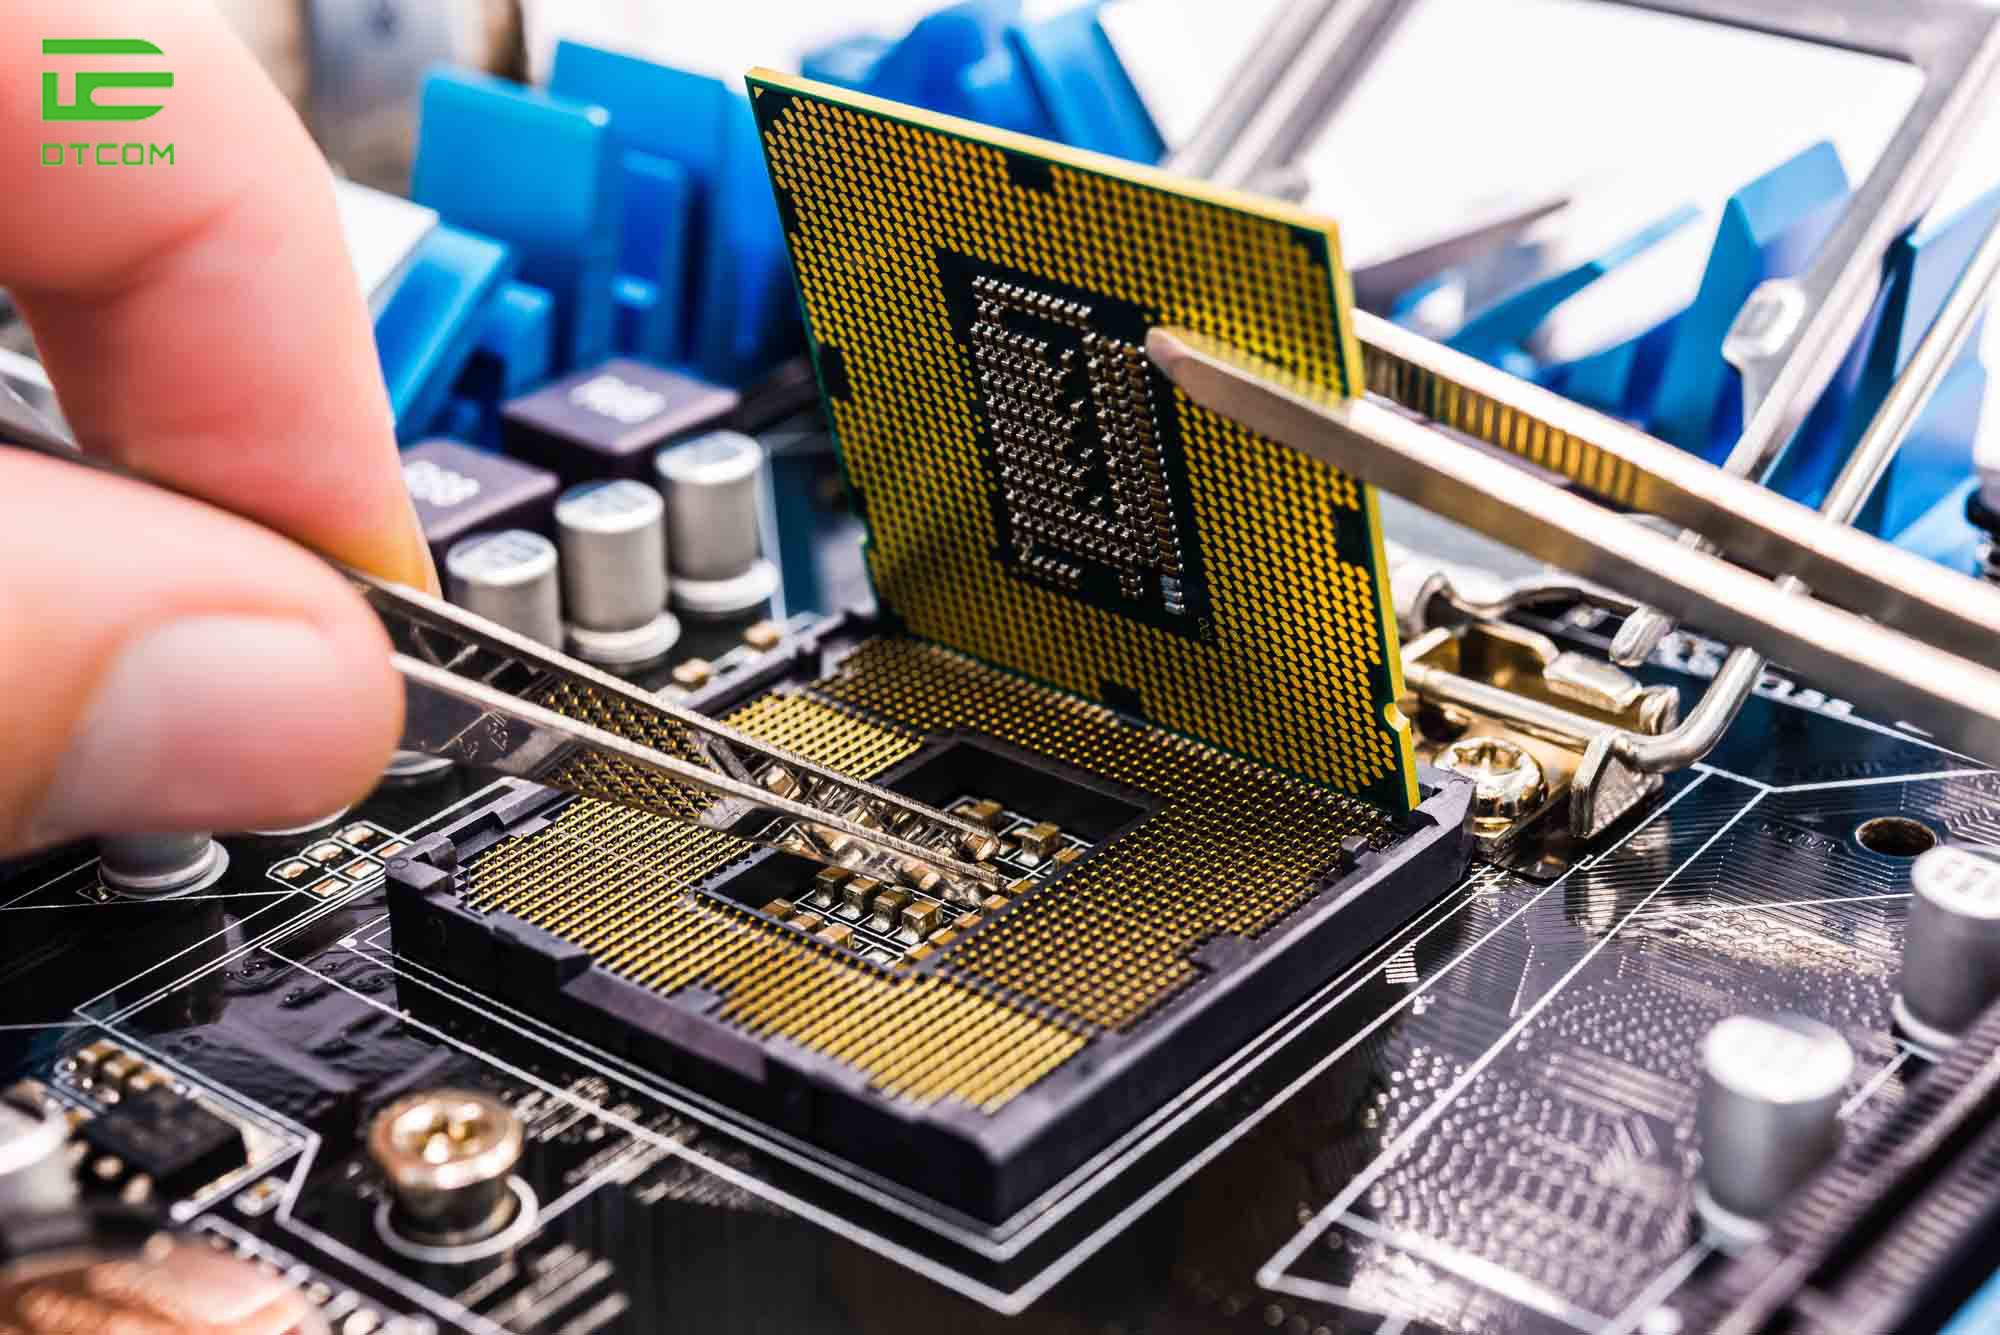 Sửa Chữa Máy Tính Bàn PC Tại Nhà Ở Đâu Tốt?